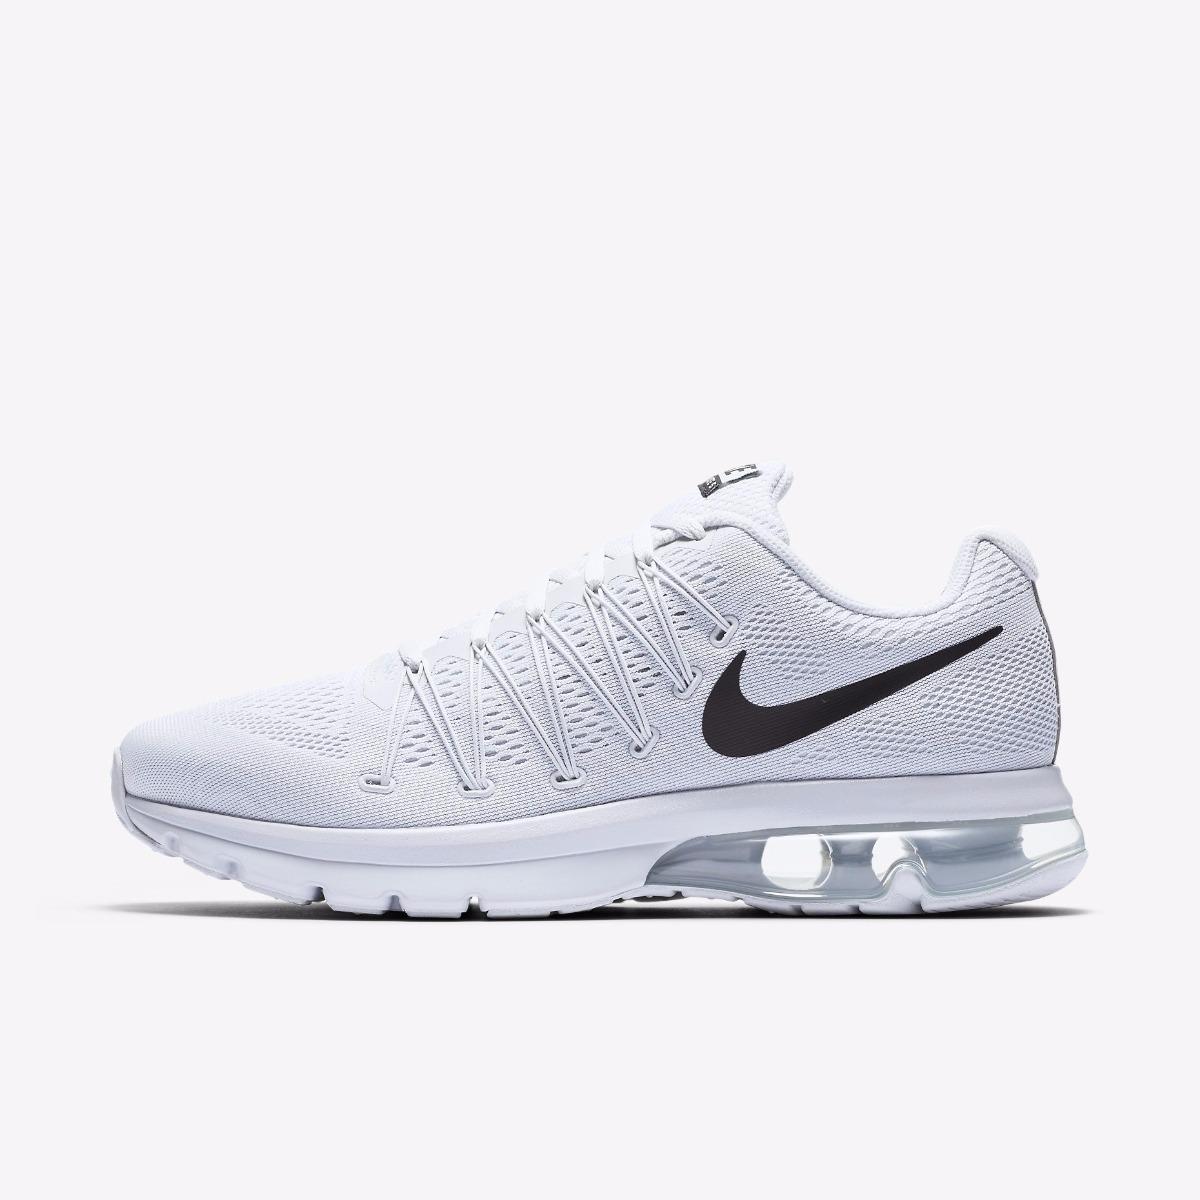 Chaussures Nike Marché Libre Air Max Rj